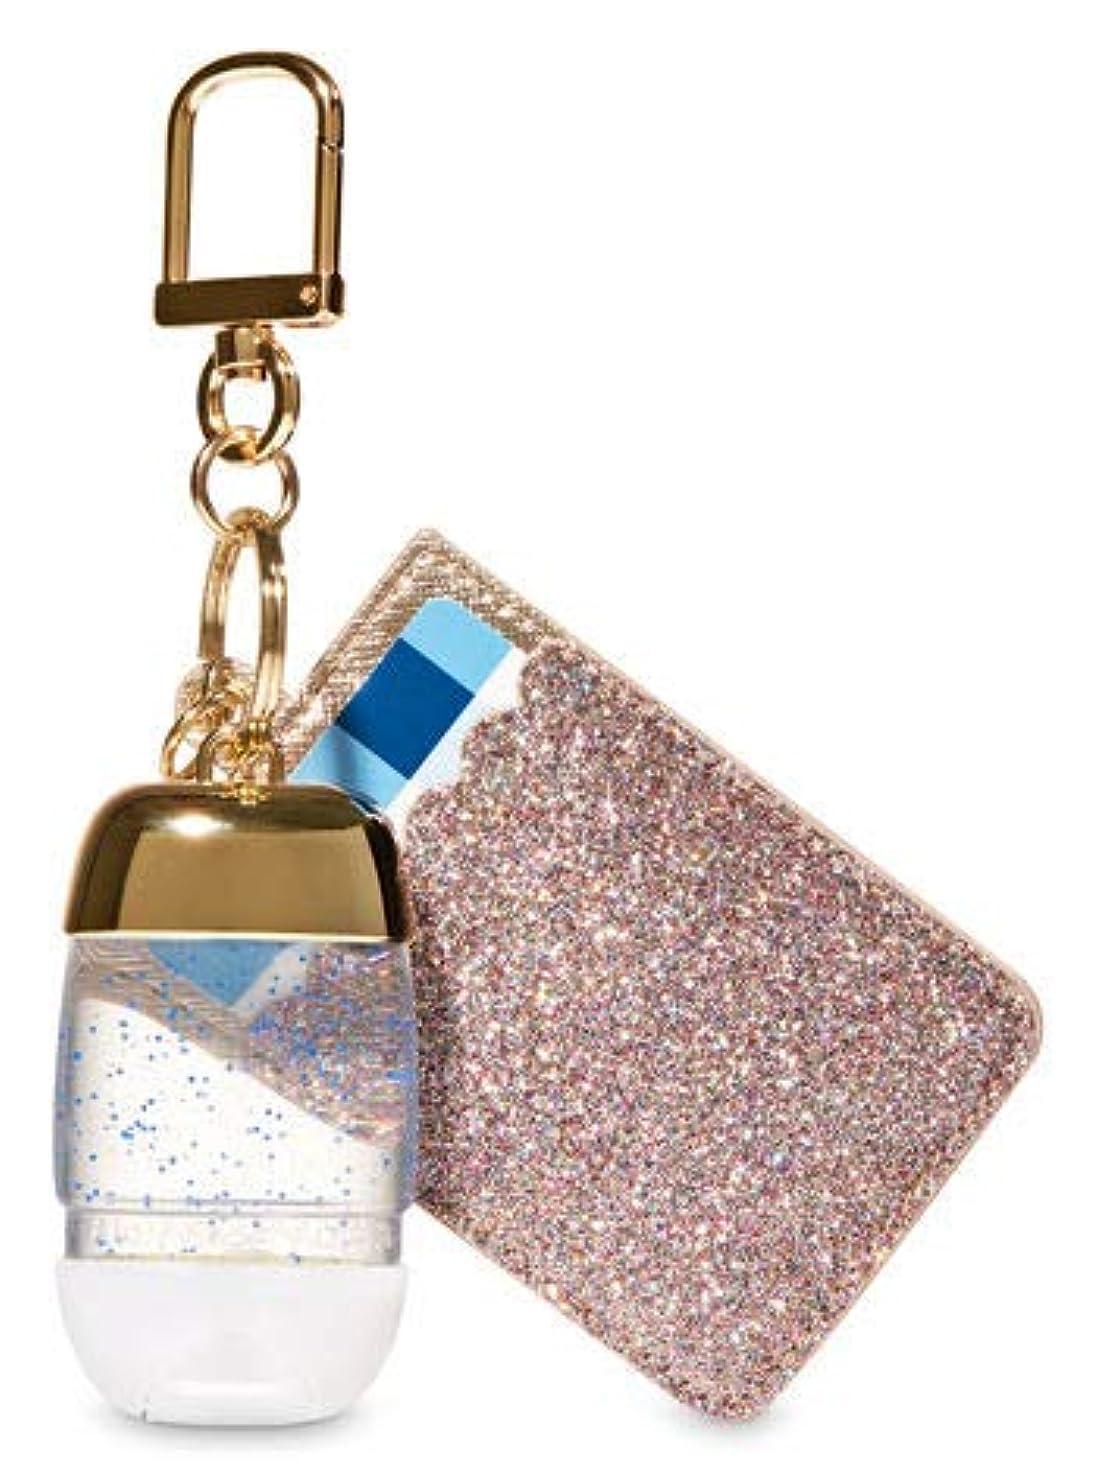 高層ビルマーティフィールディング教育学【Bath&Body Works/バス&ボディワークス】 抗菌ハンドジェルホルダー カードケース グリッターゴールド Credit Card & PocketBac Holder Glitterly Gold [並行輸入品]